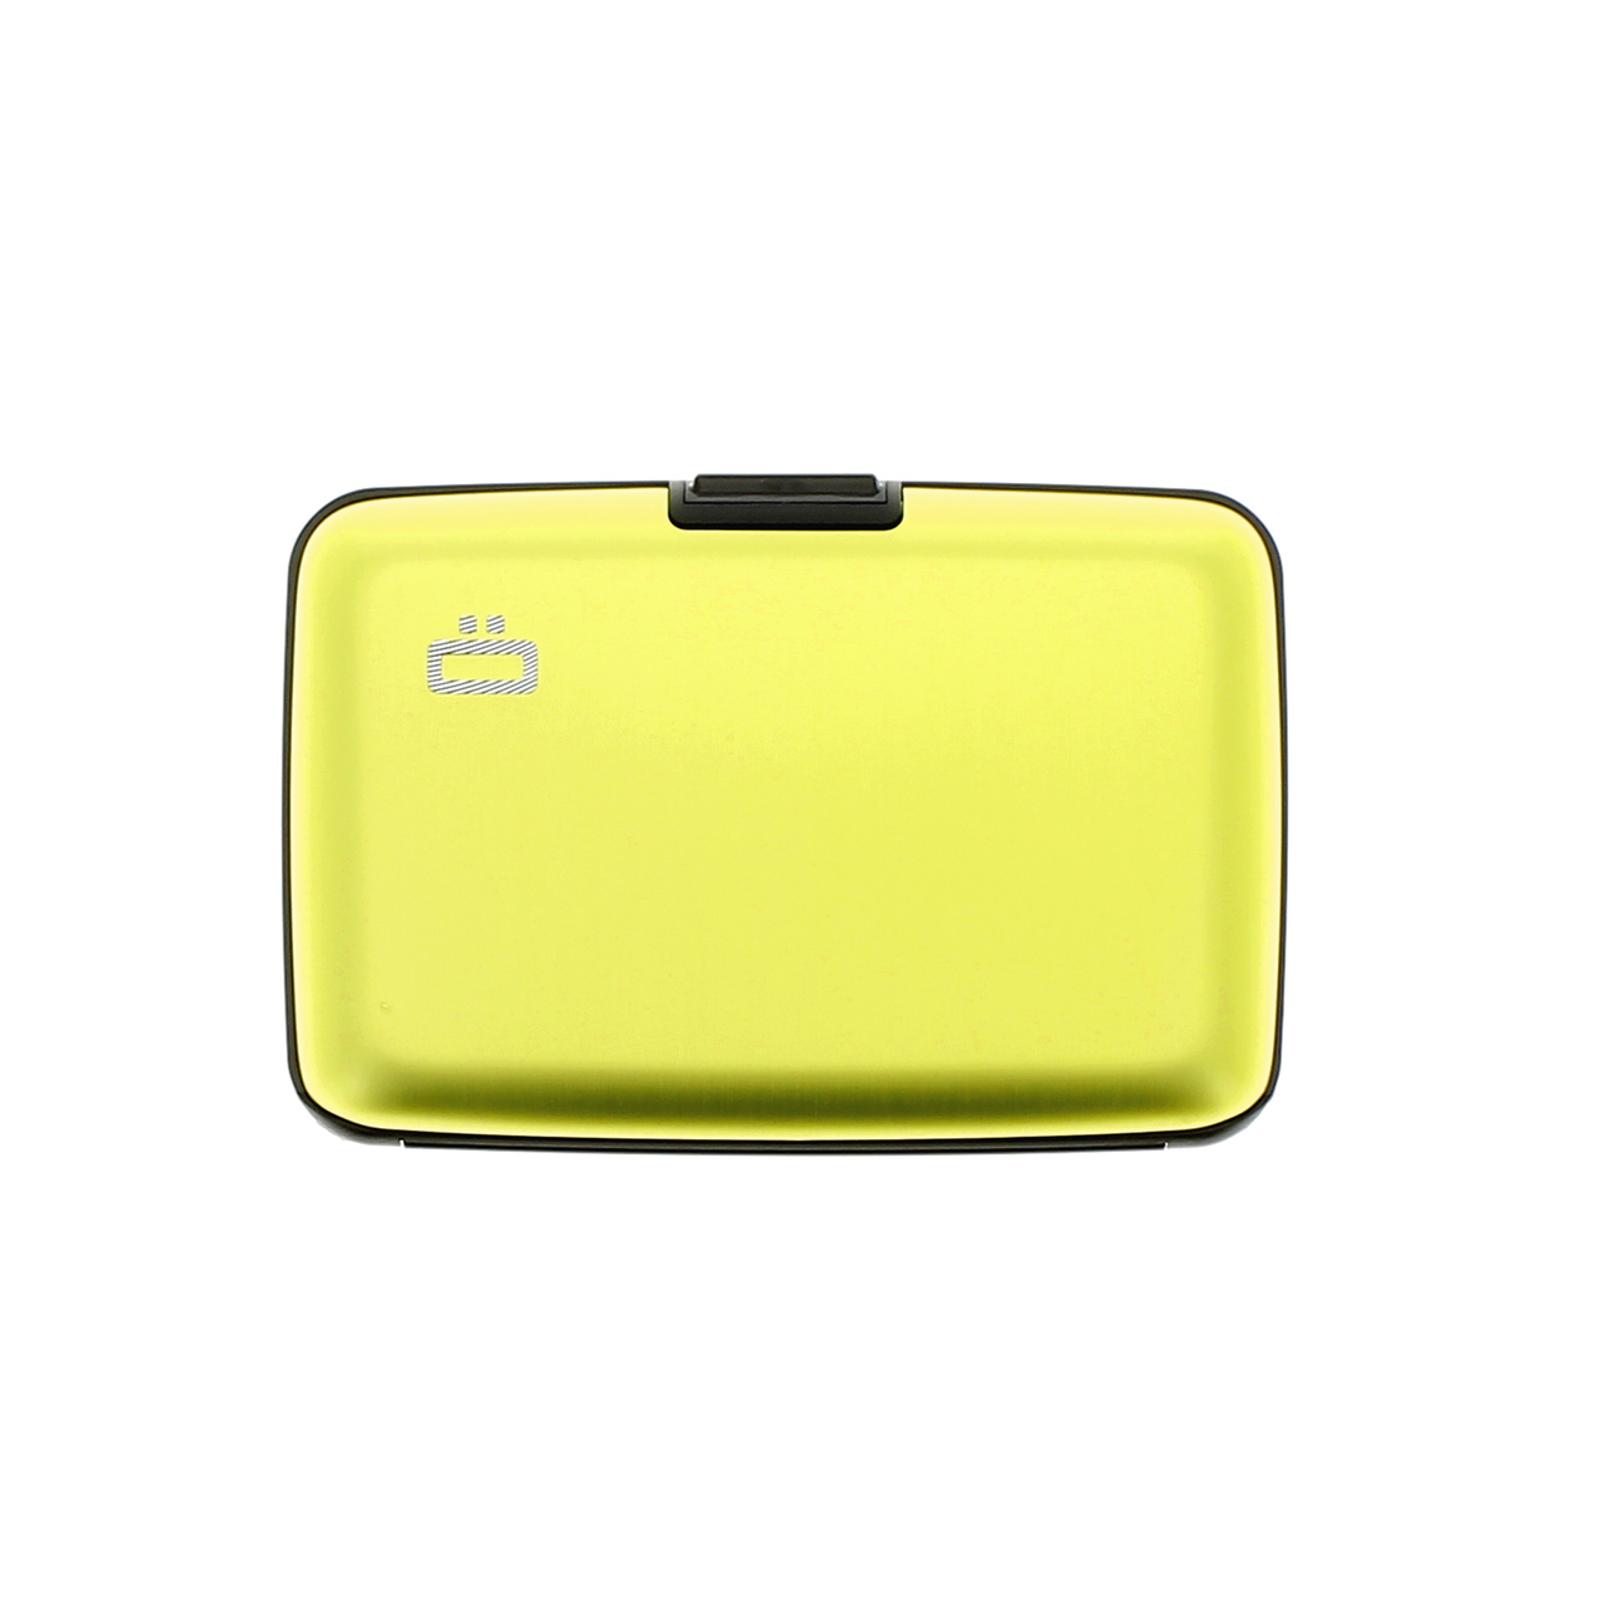 Case Green Lime RFID Safe Wallet